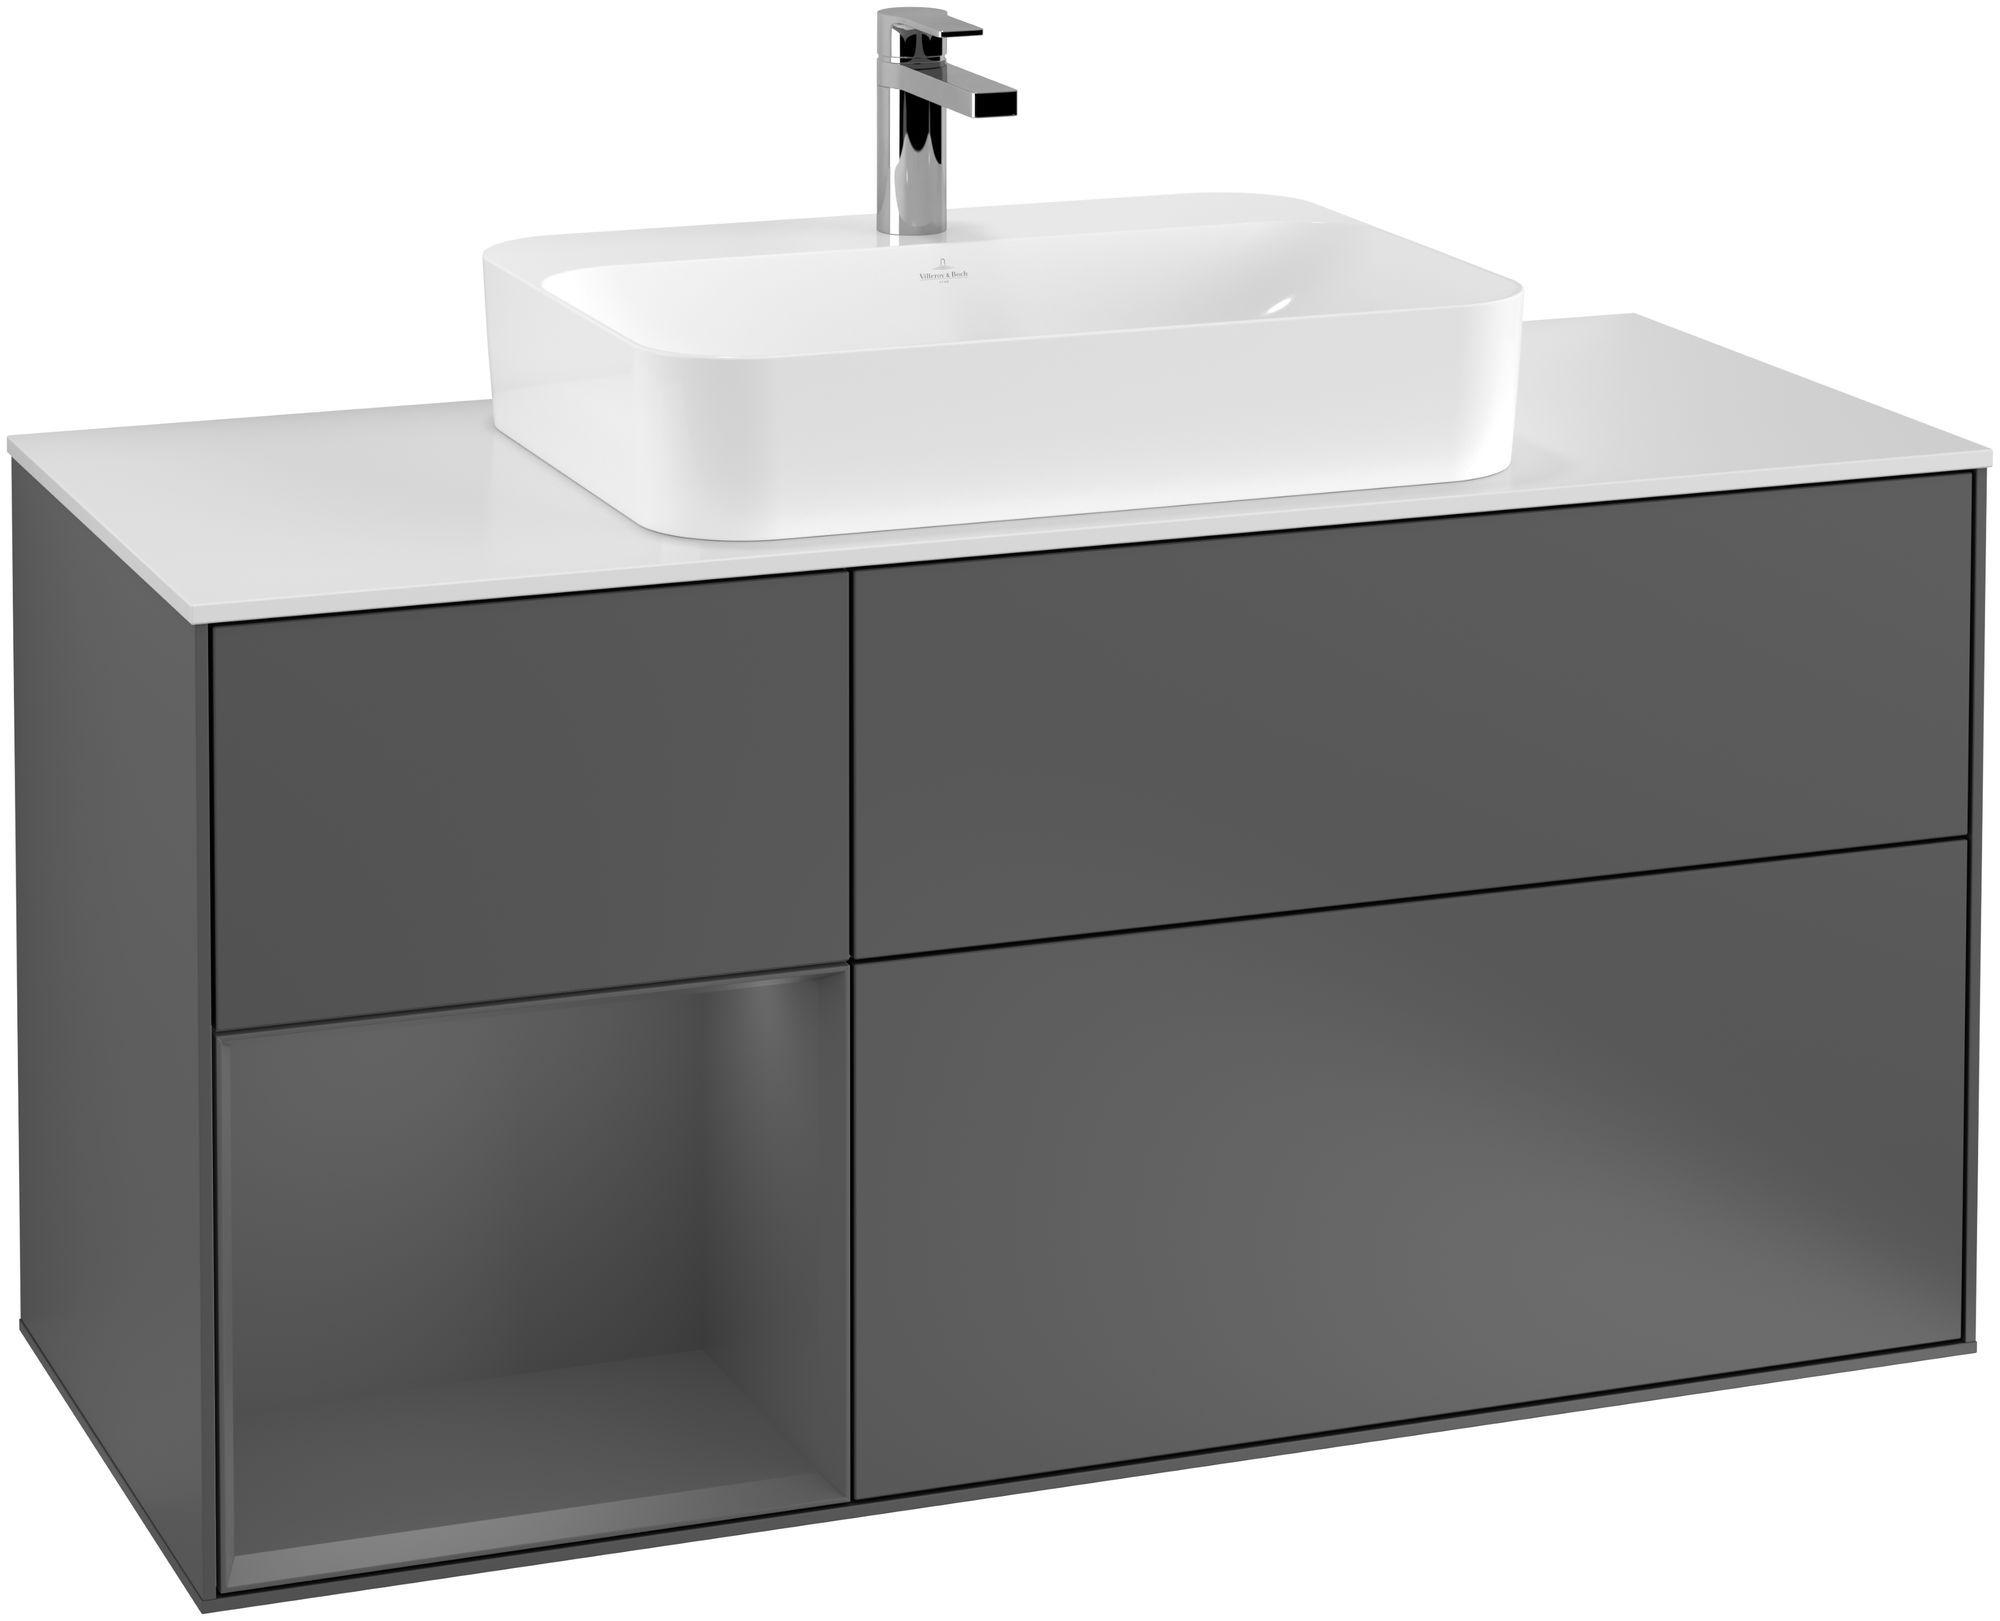 Villeroy & Boch Finion F41 Waschtischunterschrank mit Regalelement 3 Auszüge Waschtisch mittig LED-Beleuchtung B:120xH:60,3xT:50,1cm Front, Korpus: Anthracite Matt, Glasplatte: White Matt F411GKGK